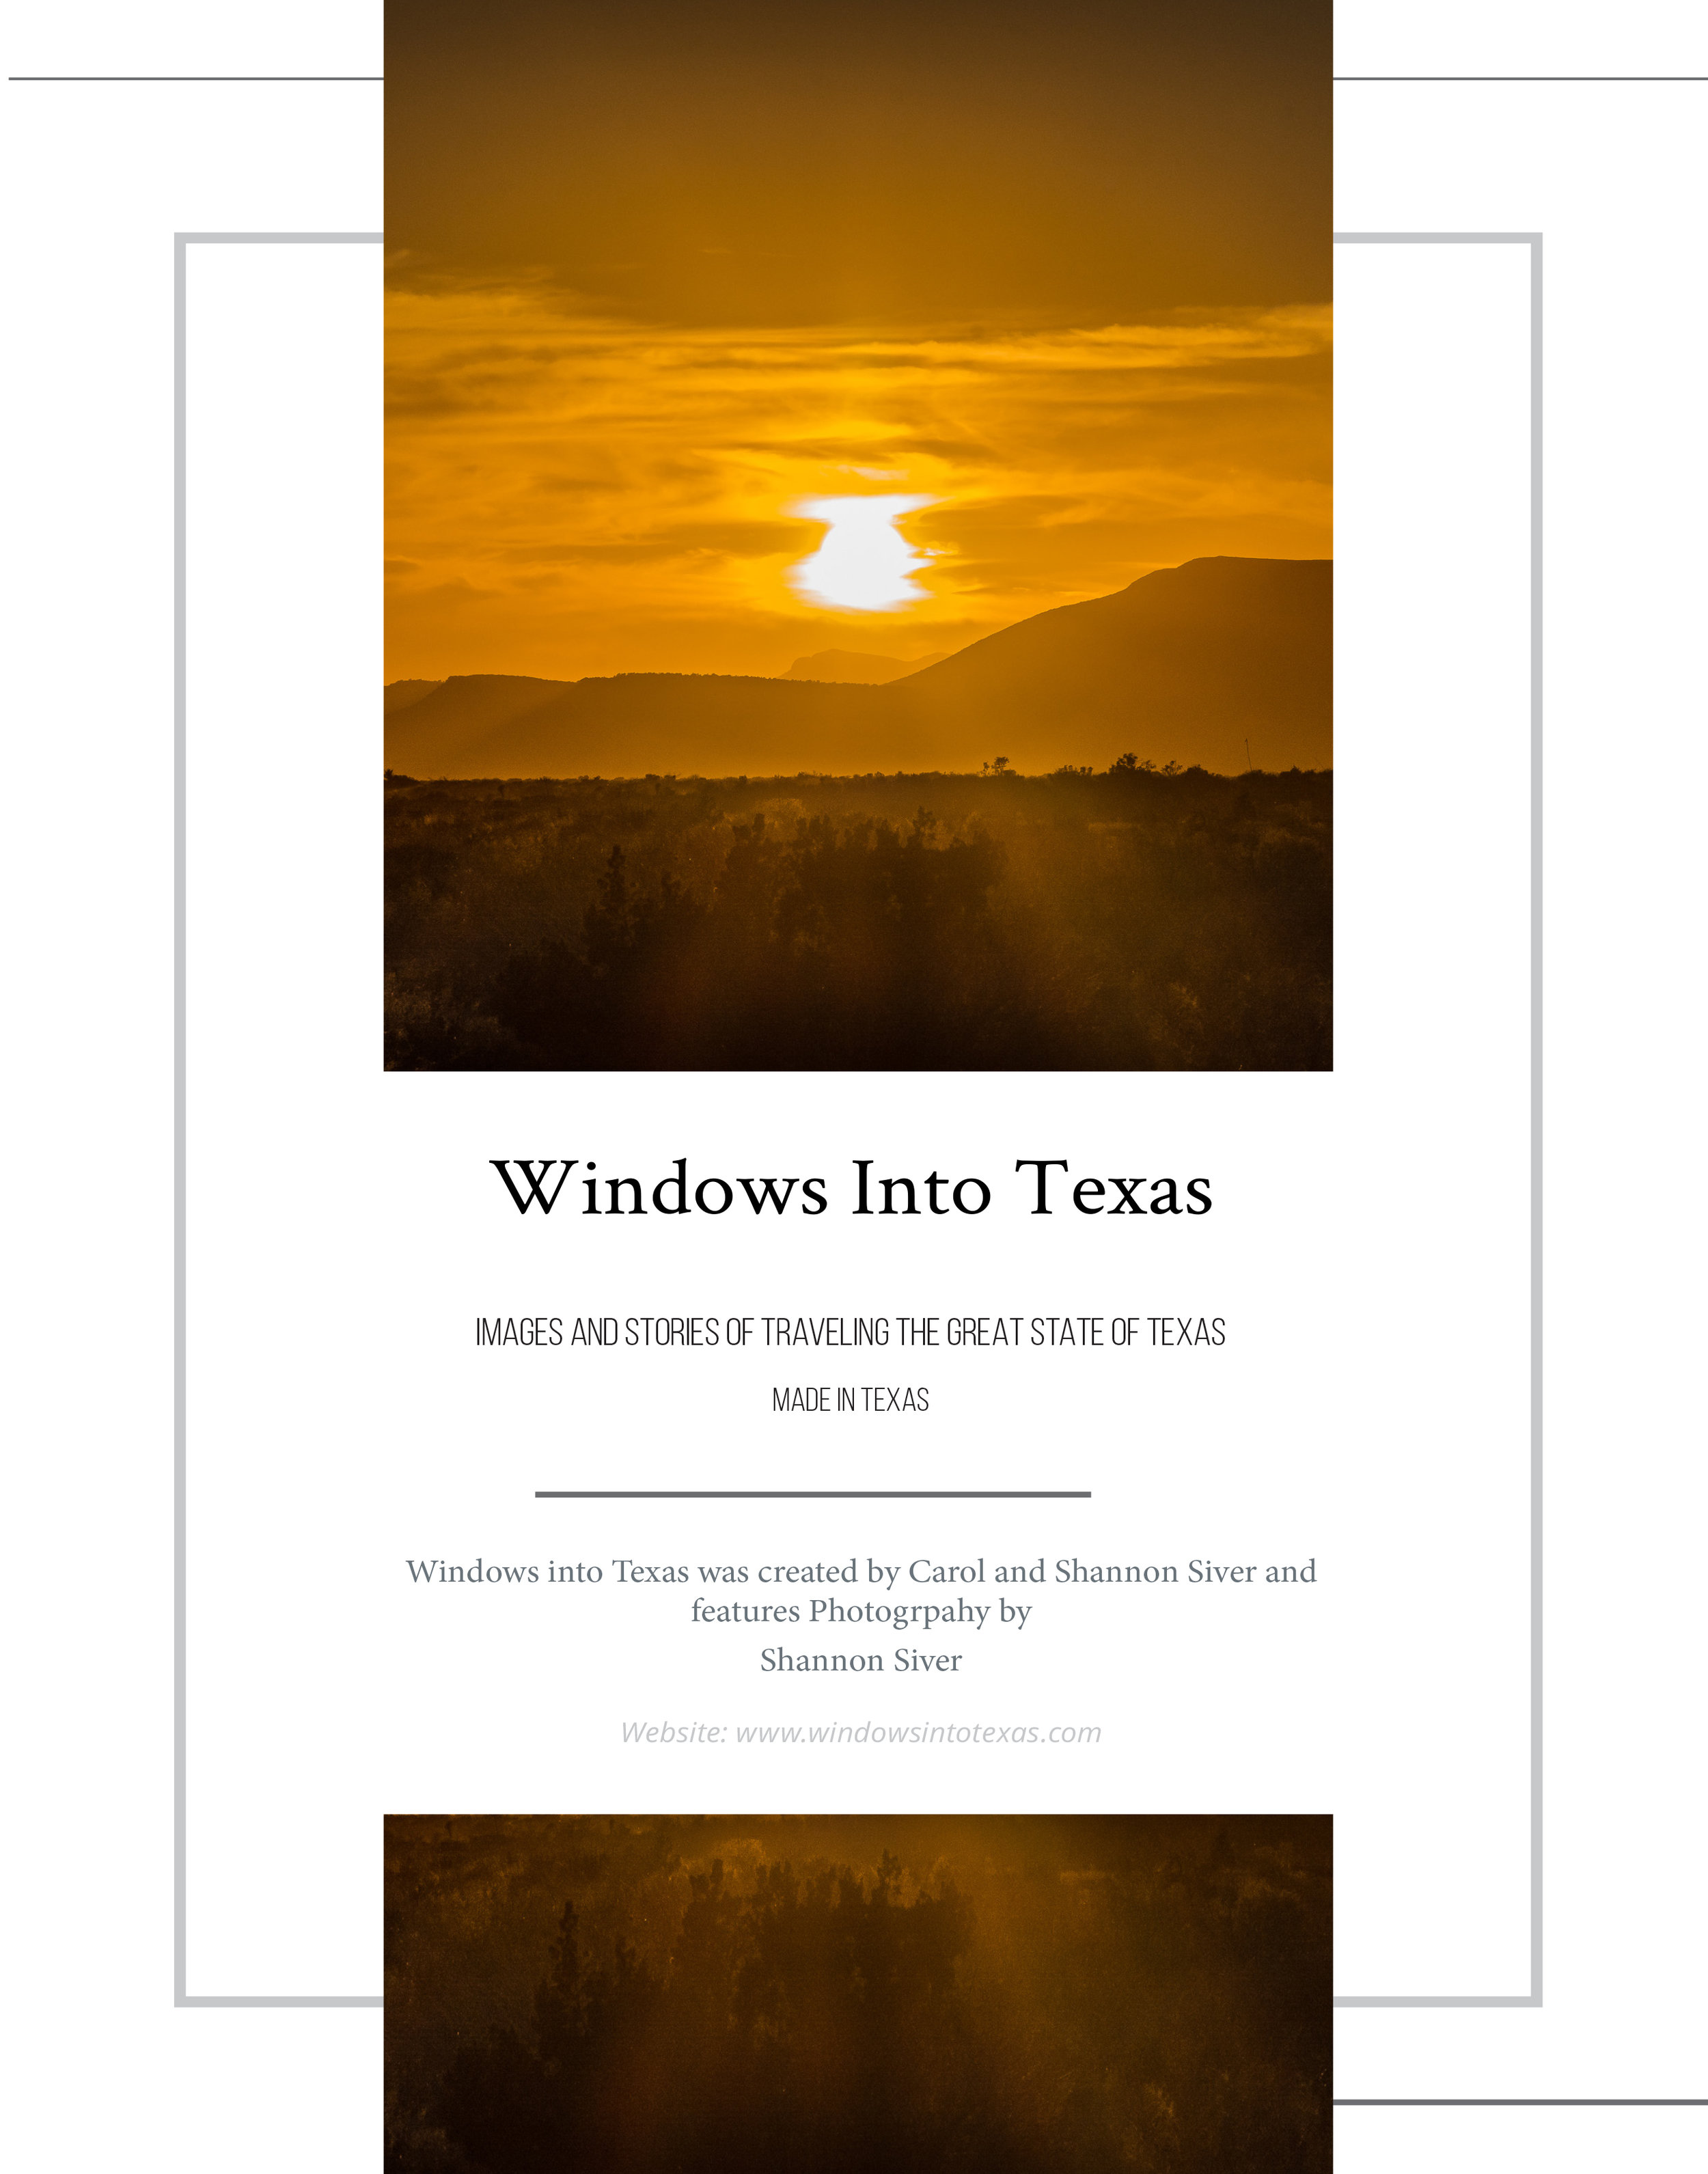 Windows into Texas